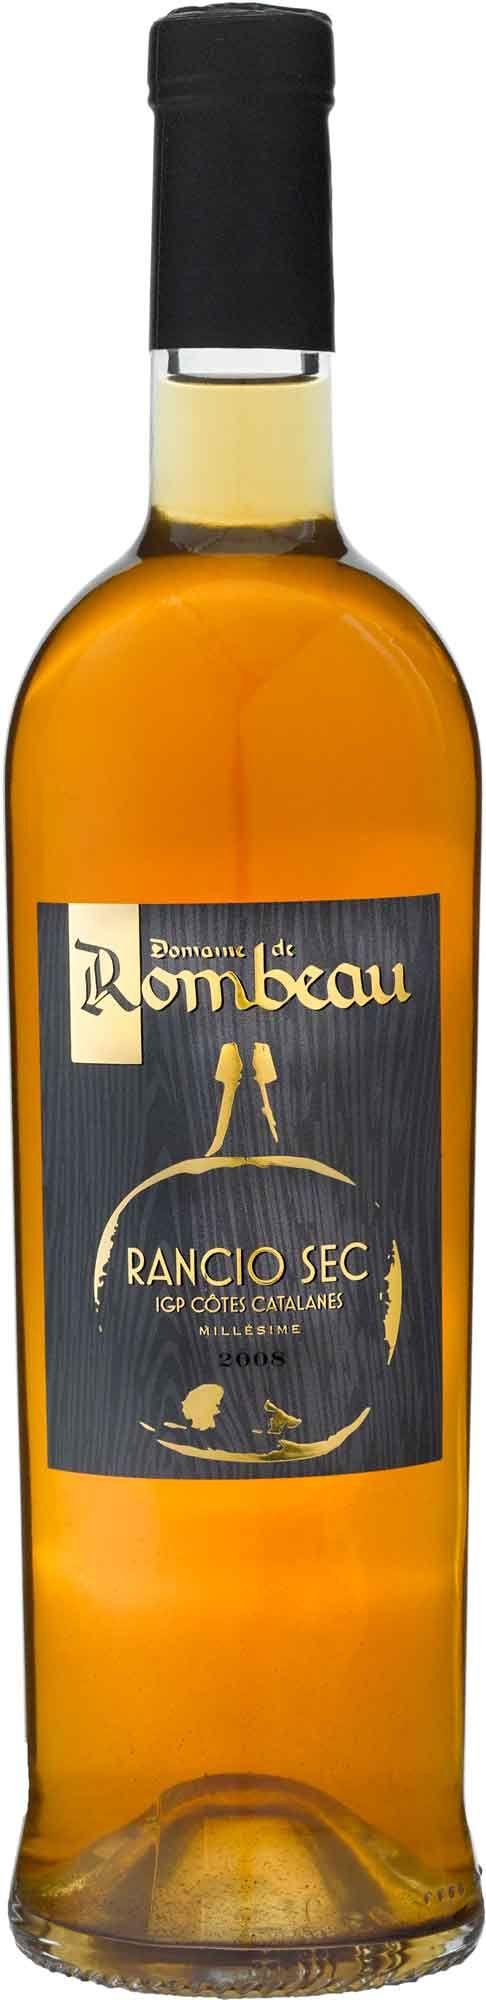 Domaine de Rombaeu Rancio Sec 2008 16.5%